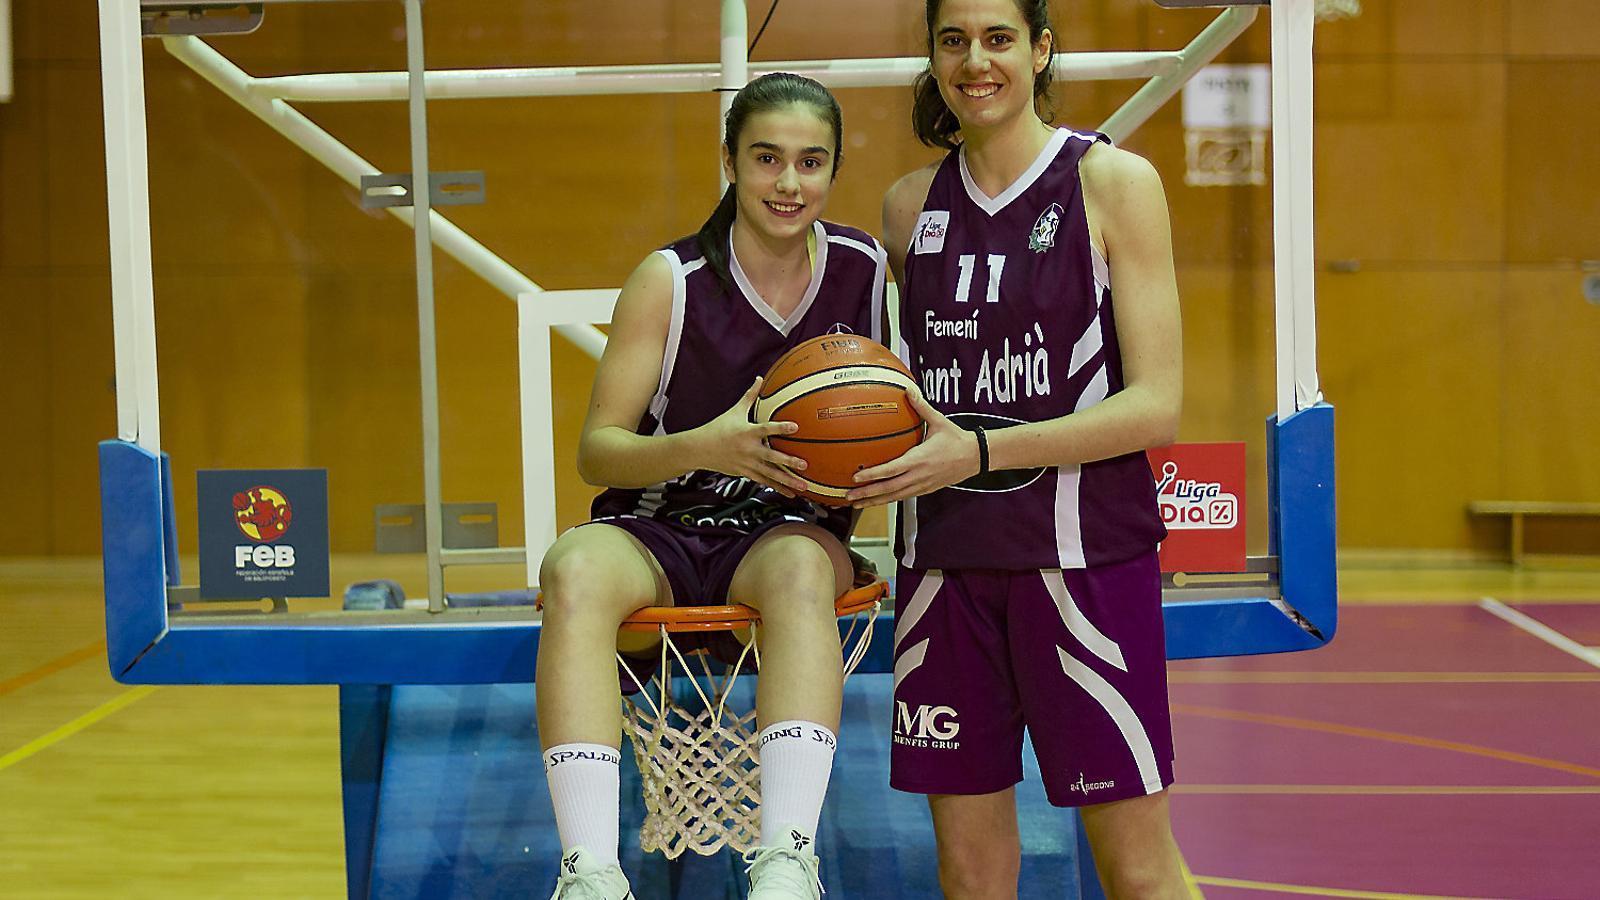 Deva Bermejo (infantil) i Cristina Hurtado (sènior), les capitanes del Femení Sant Adrià.